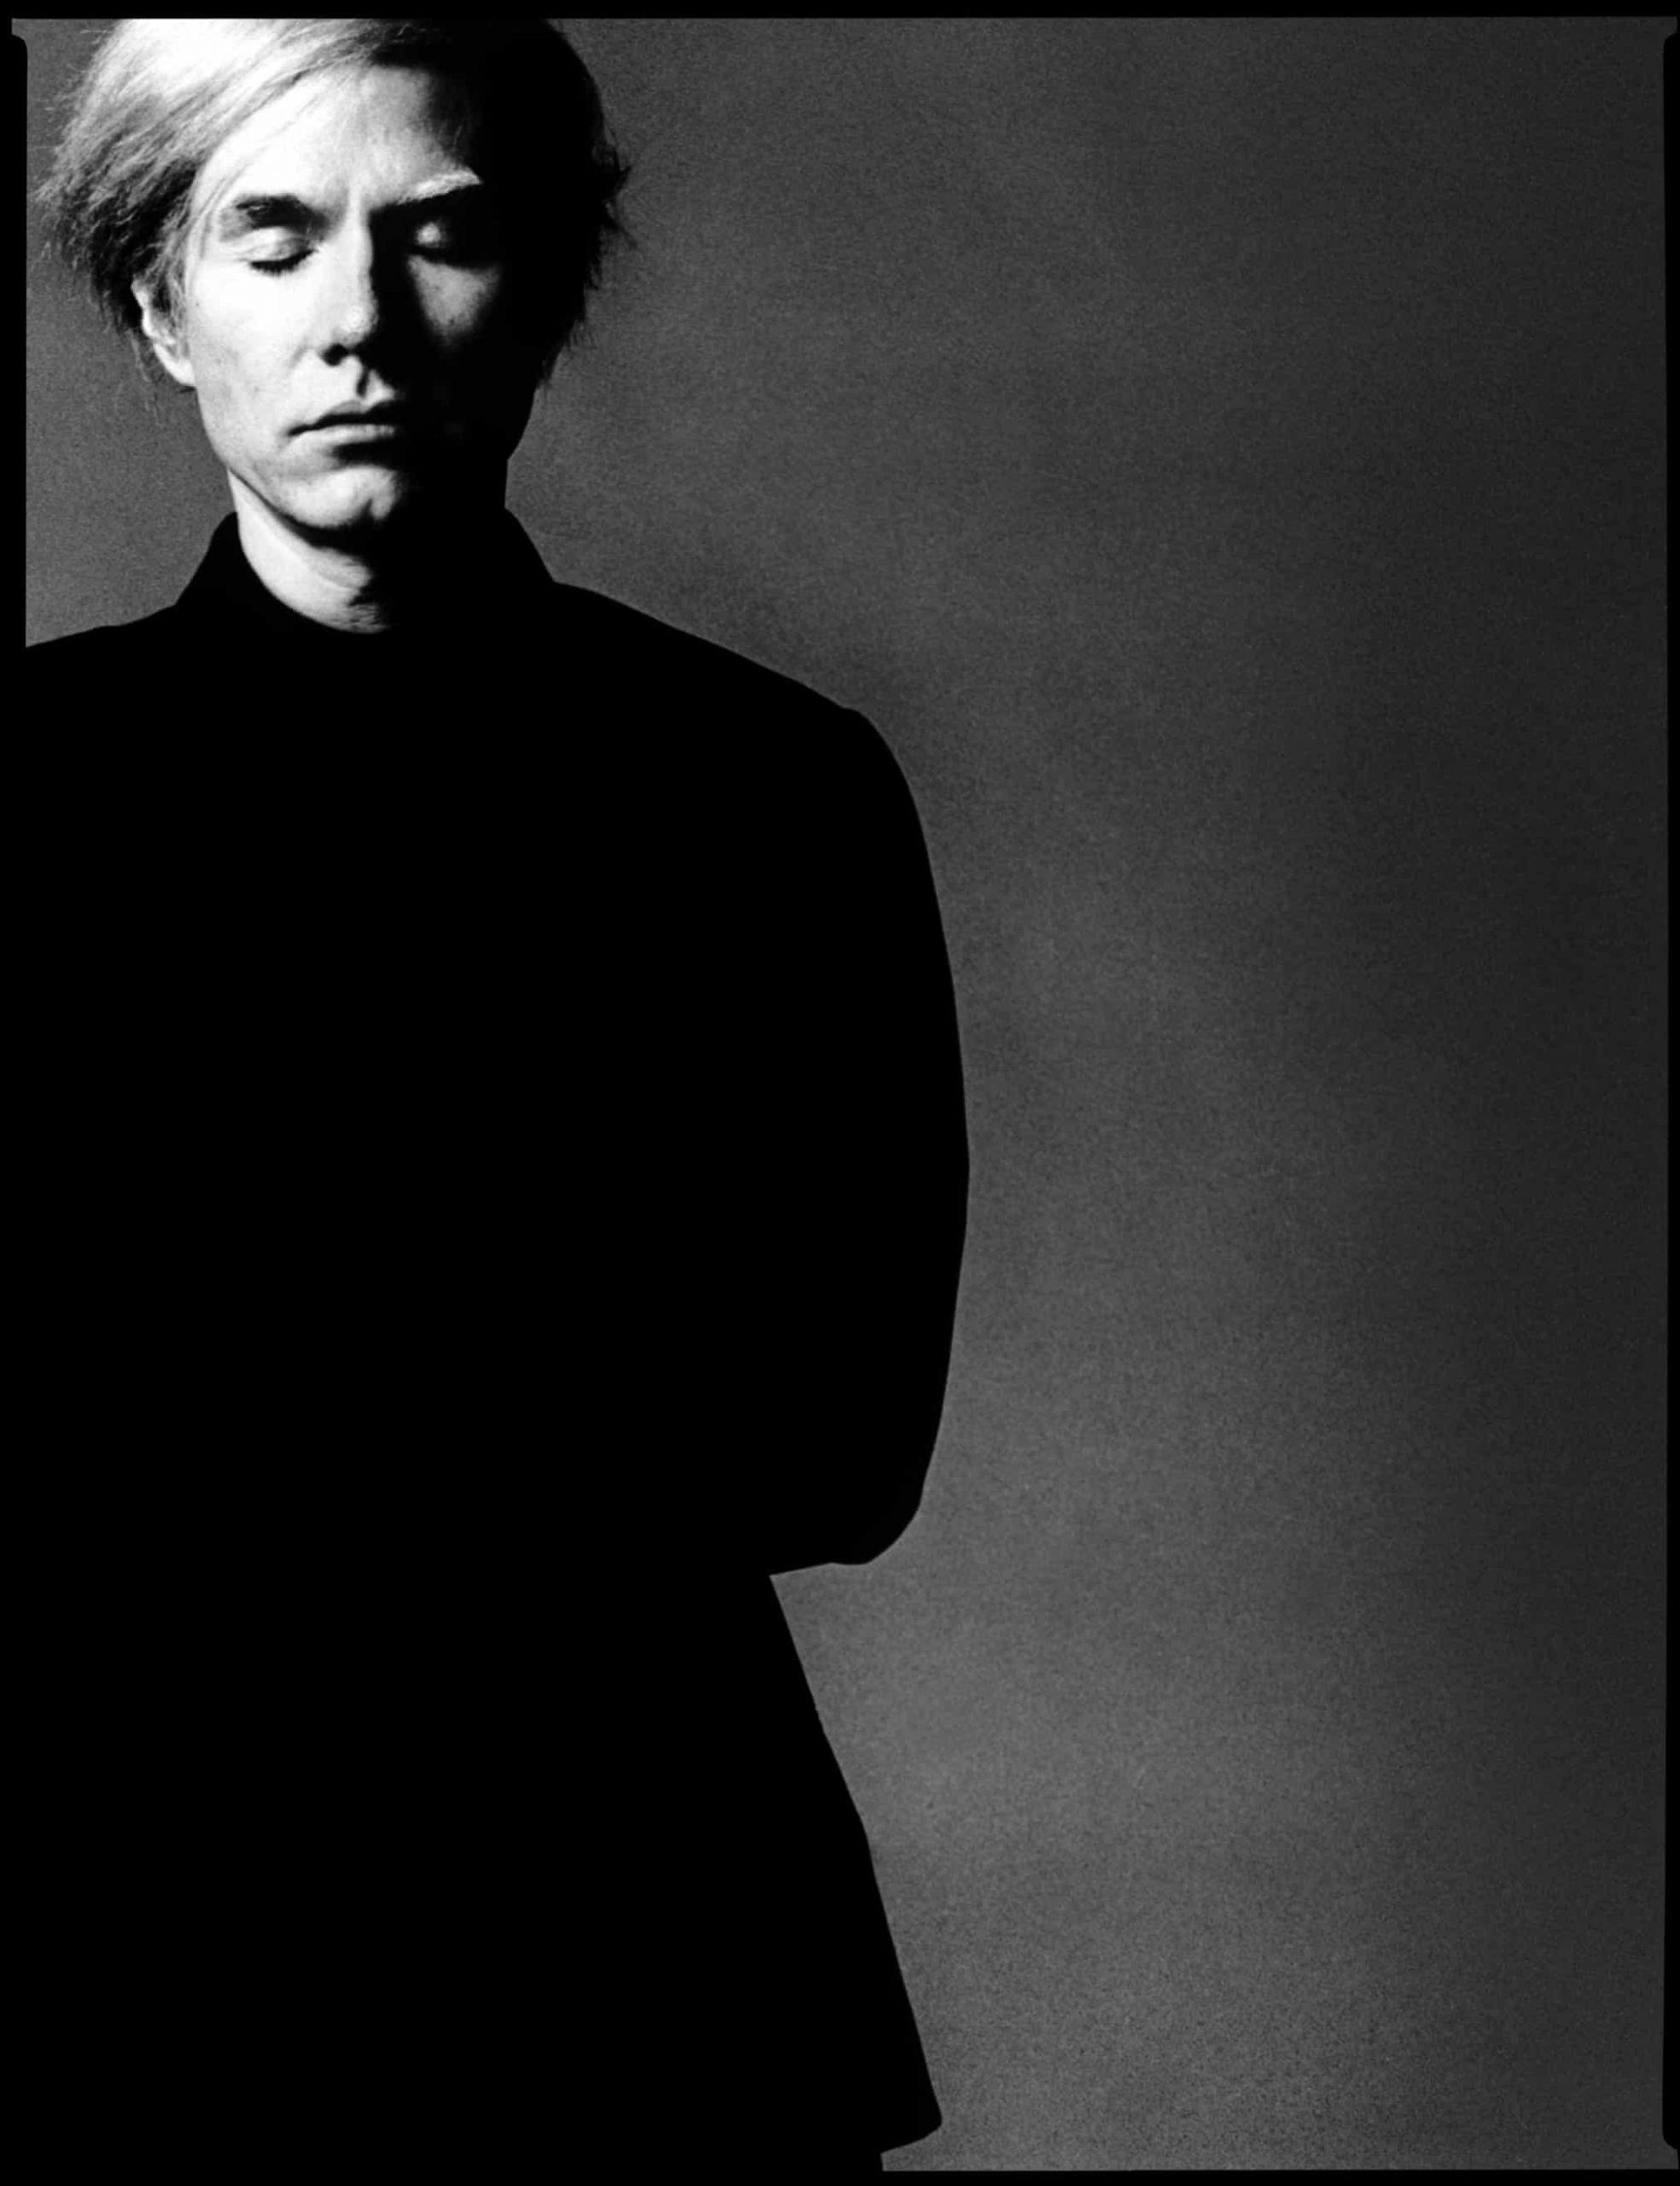 Ο Άντι Γουόρχολ με μαύρο ζιβάγκο το 1972